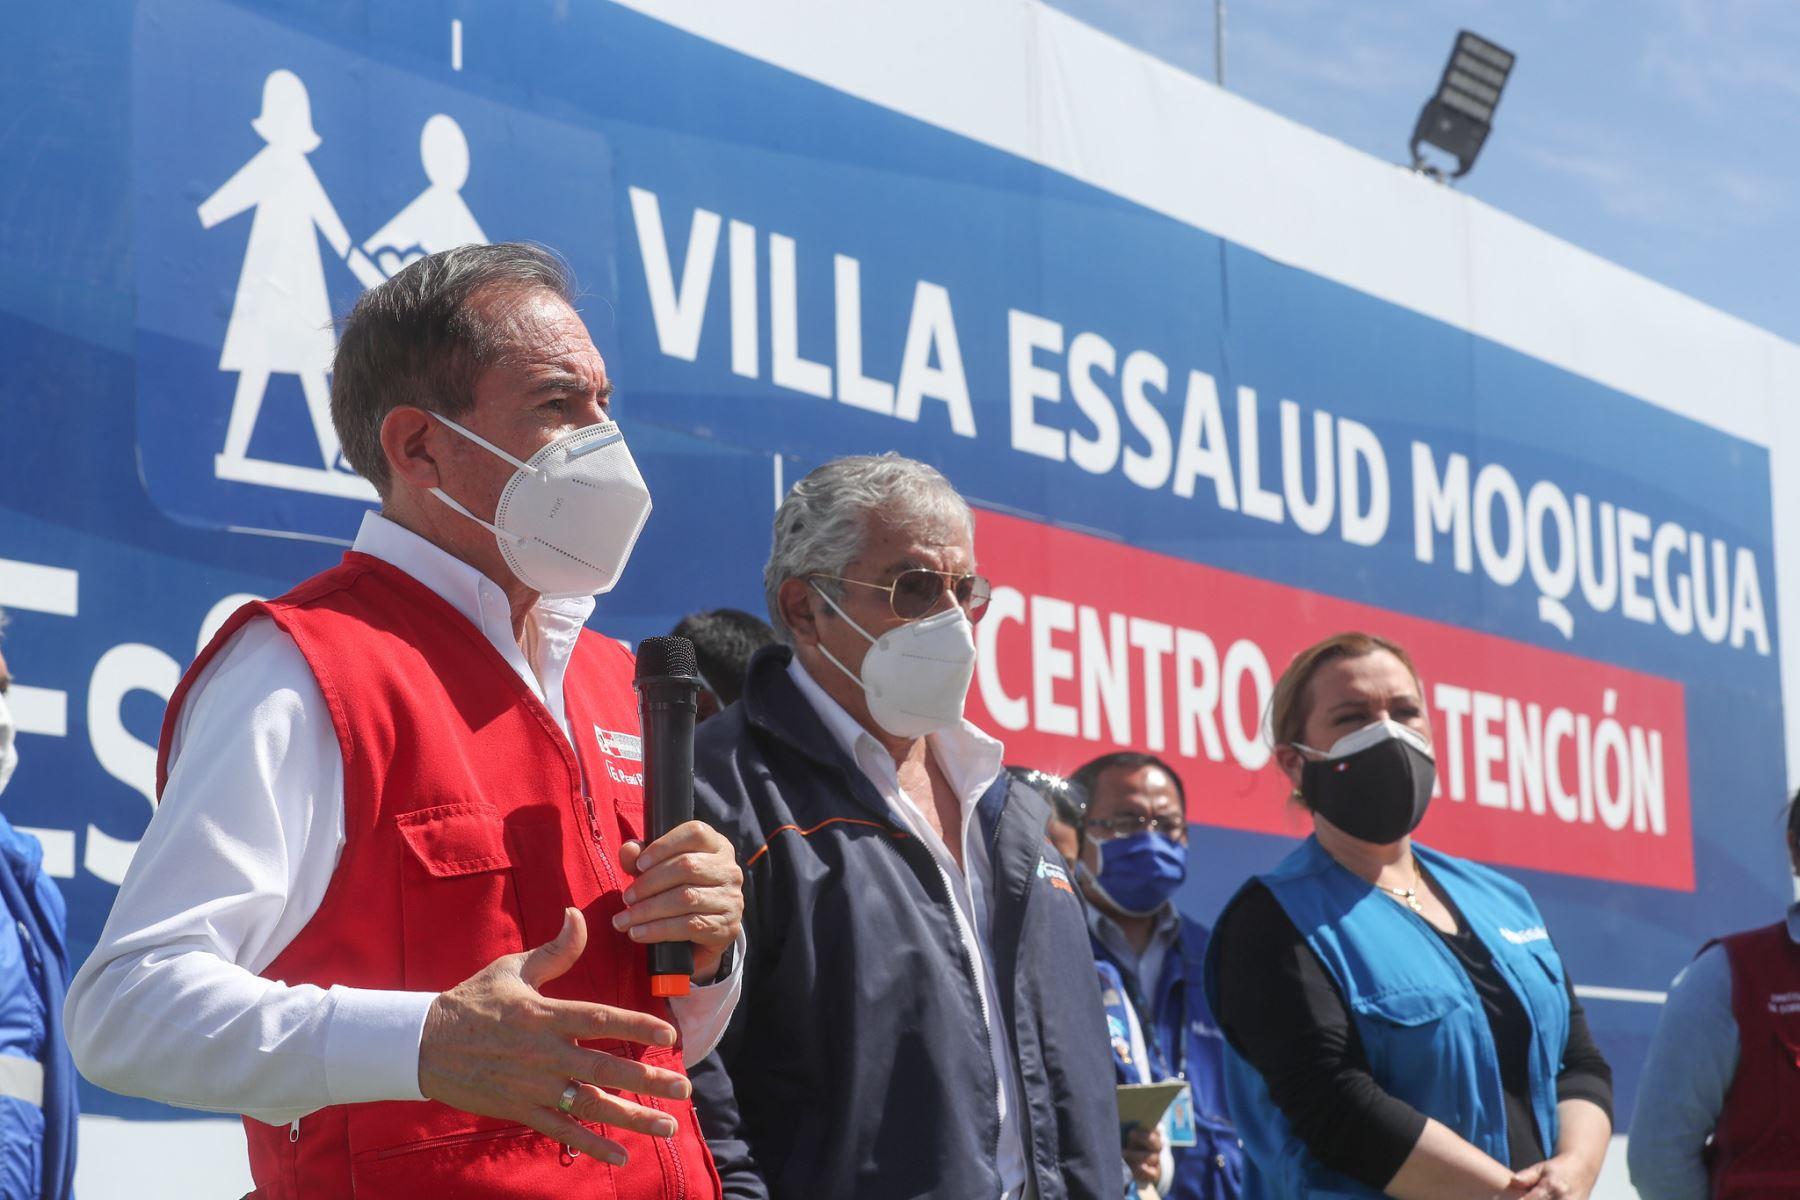 Ministro de Defensa, Walter Martos, junto a titular de Essalud, Fiorella Molinelli, inauguran hospitales temporales en Moquegua e Ilo. Foto: ANDINA/Mindef